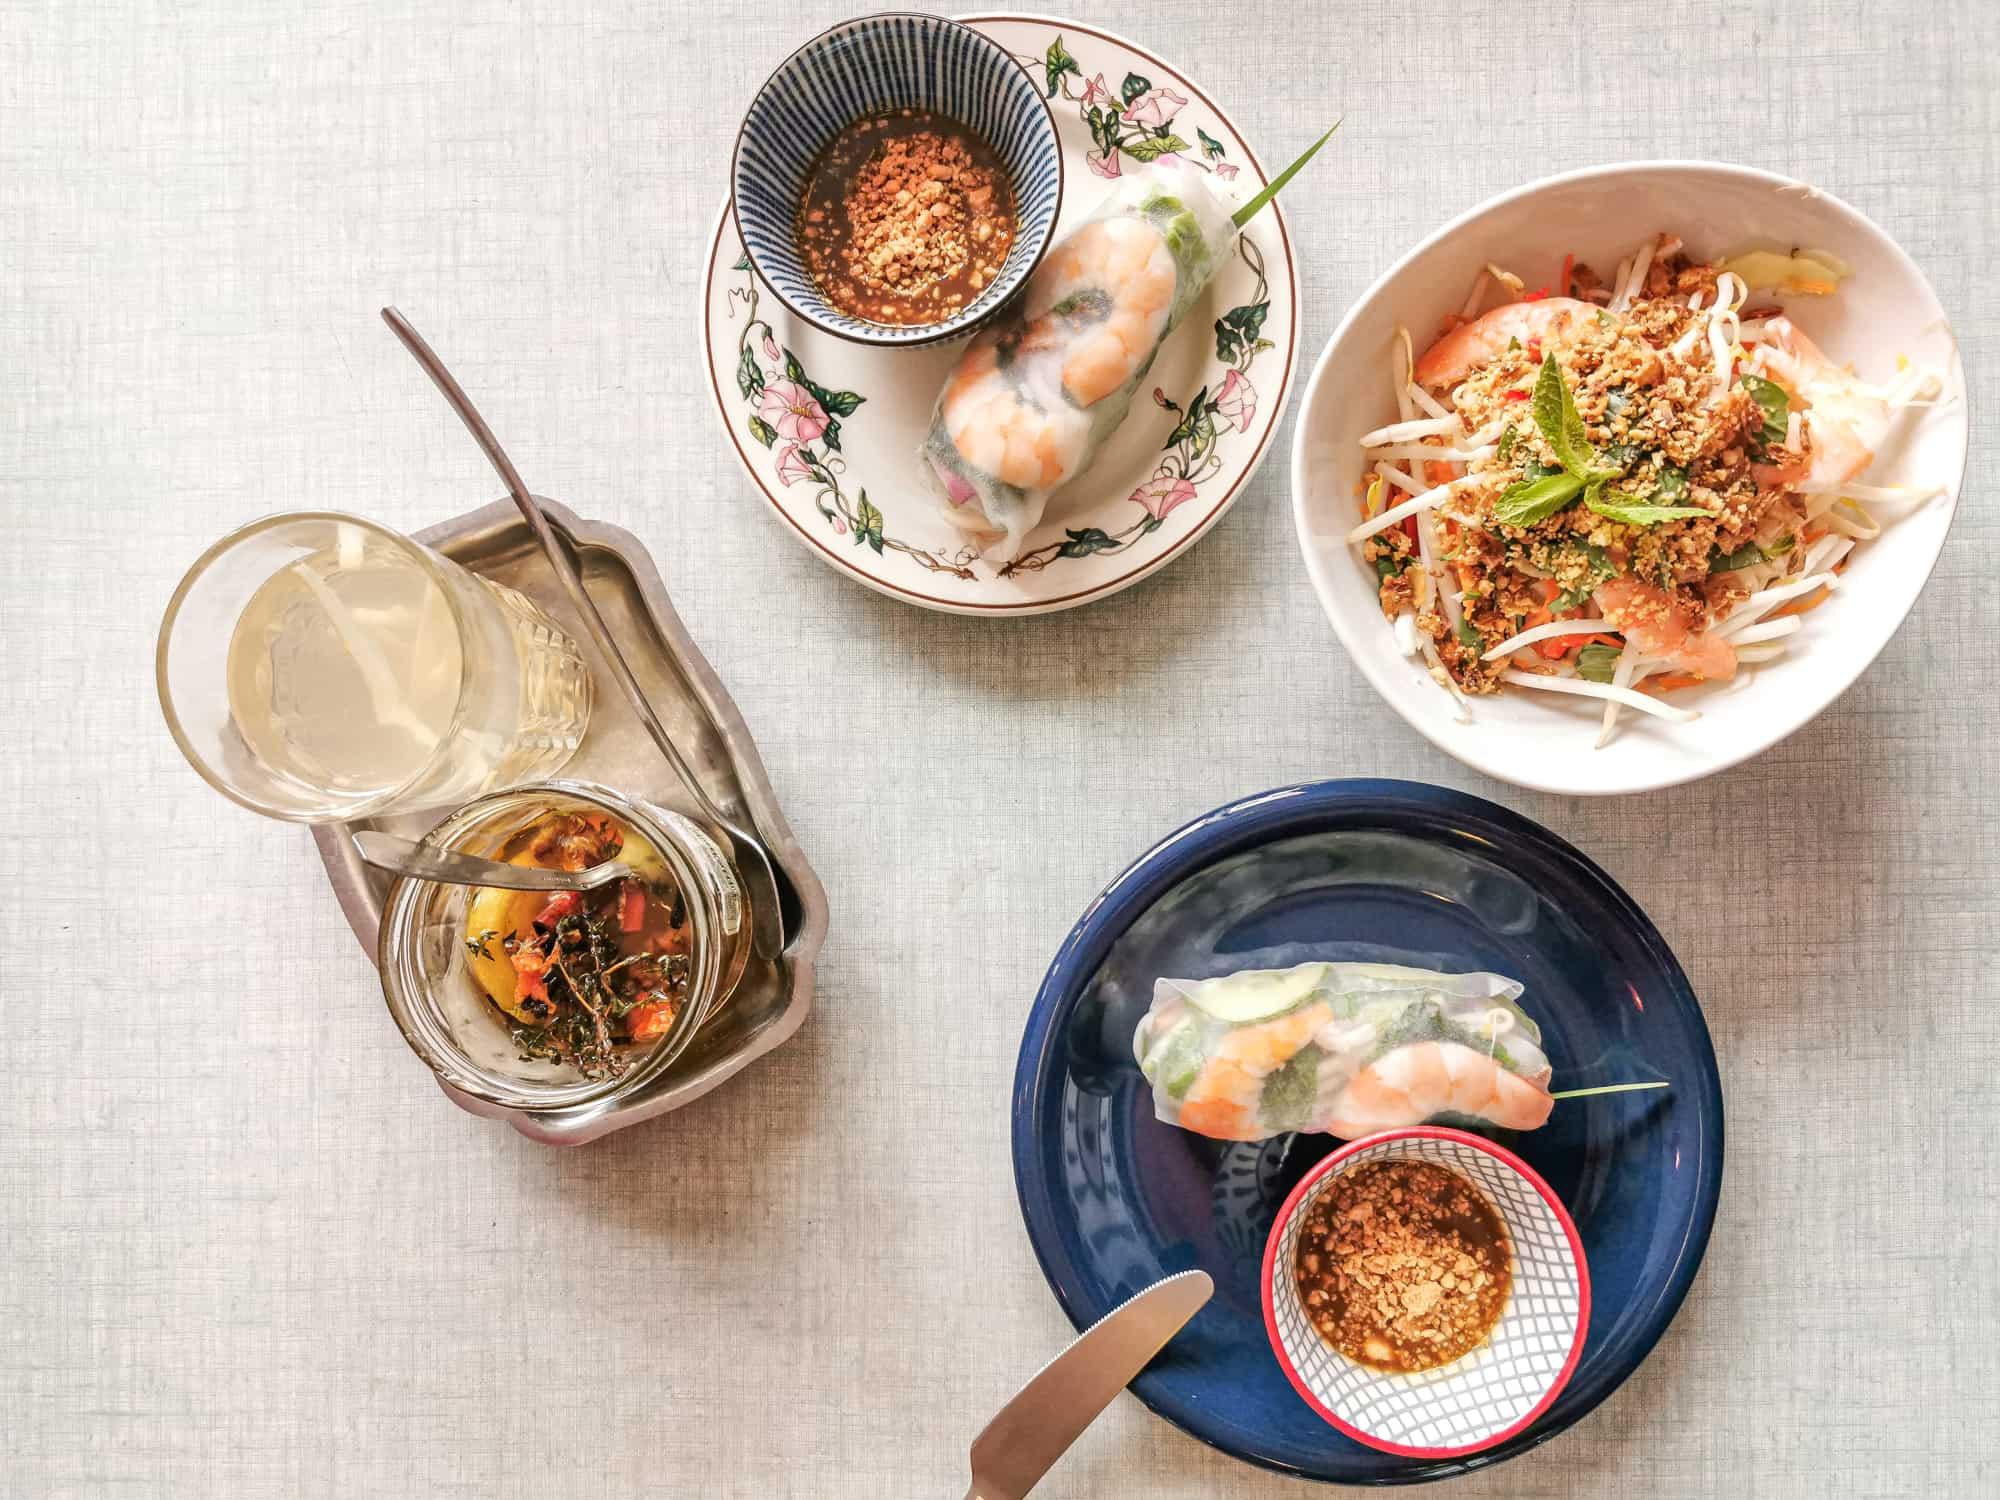 ca-phe-broc-ouest-restaurant-vietnamien-paris-14-bouiboui-11